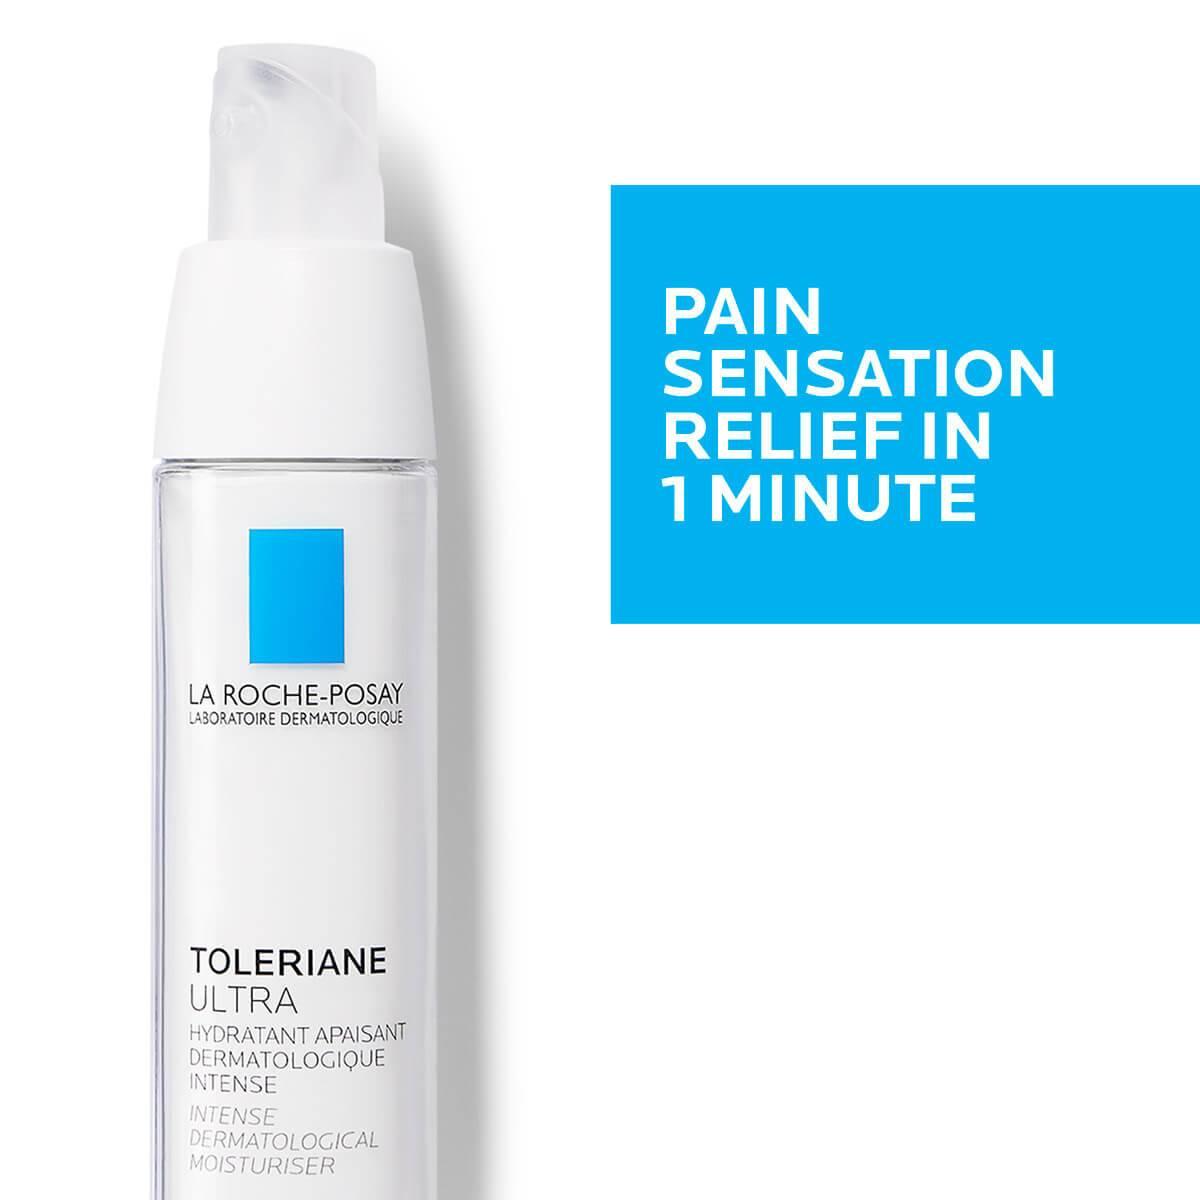 Alergiczna Toleriane Ultra 40 ml Zblizenie przód | La Roche Posay